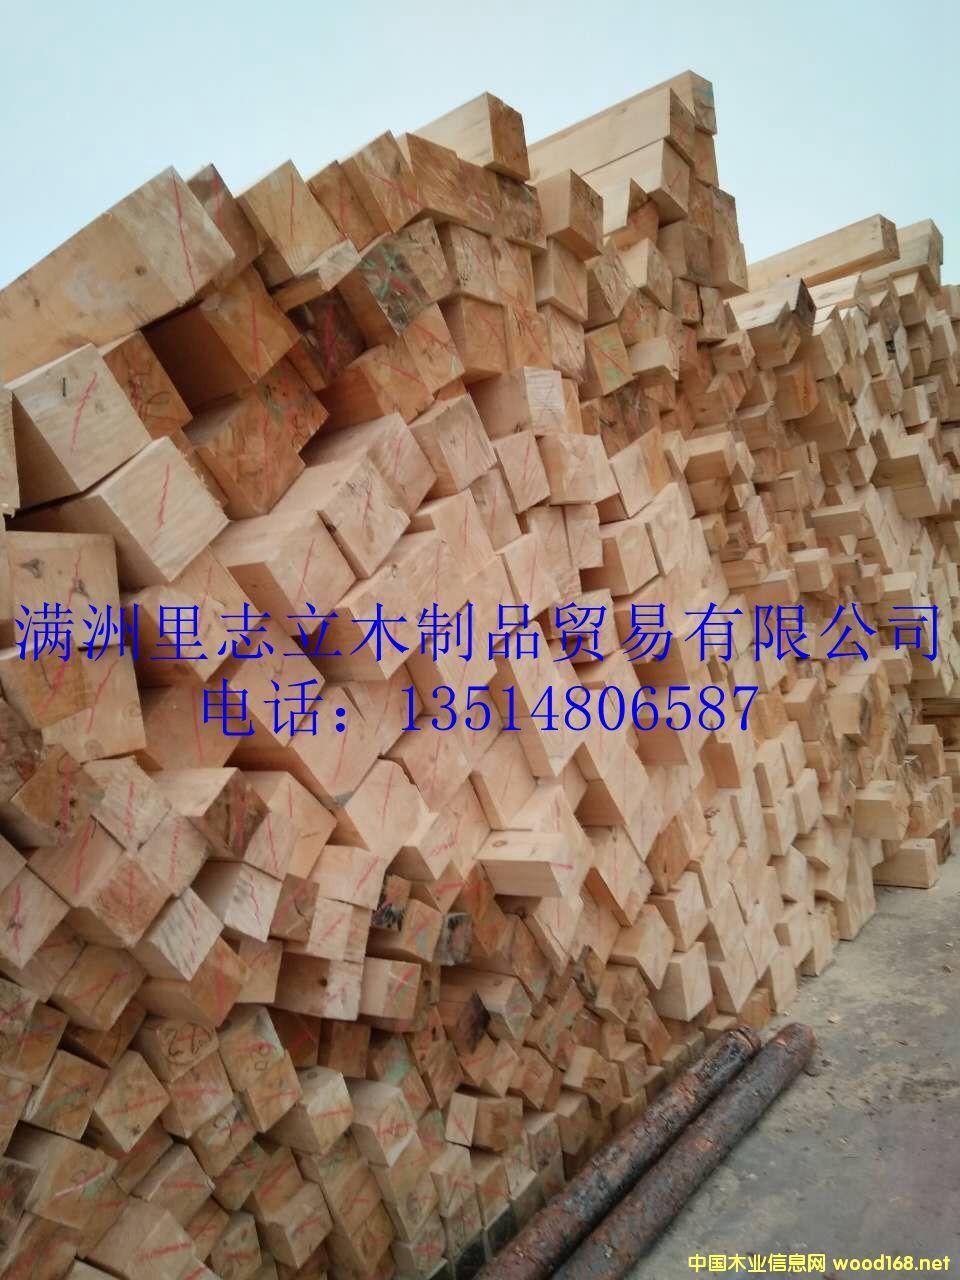 满洲里志立木制品贸易有限公司工程方木建筑材建筑跳